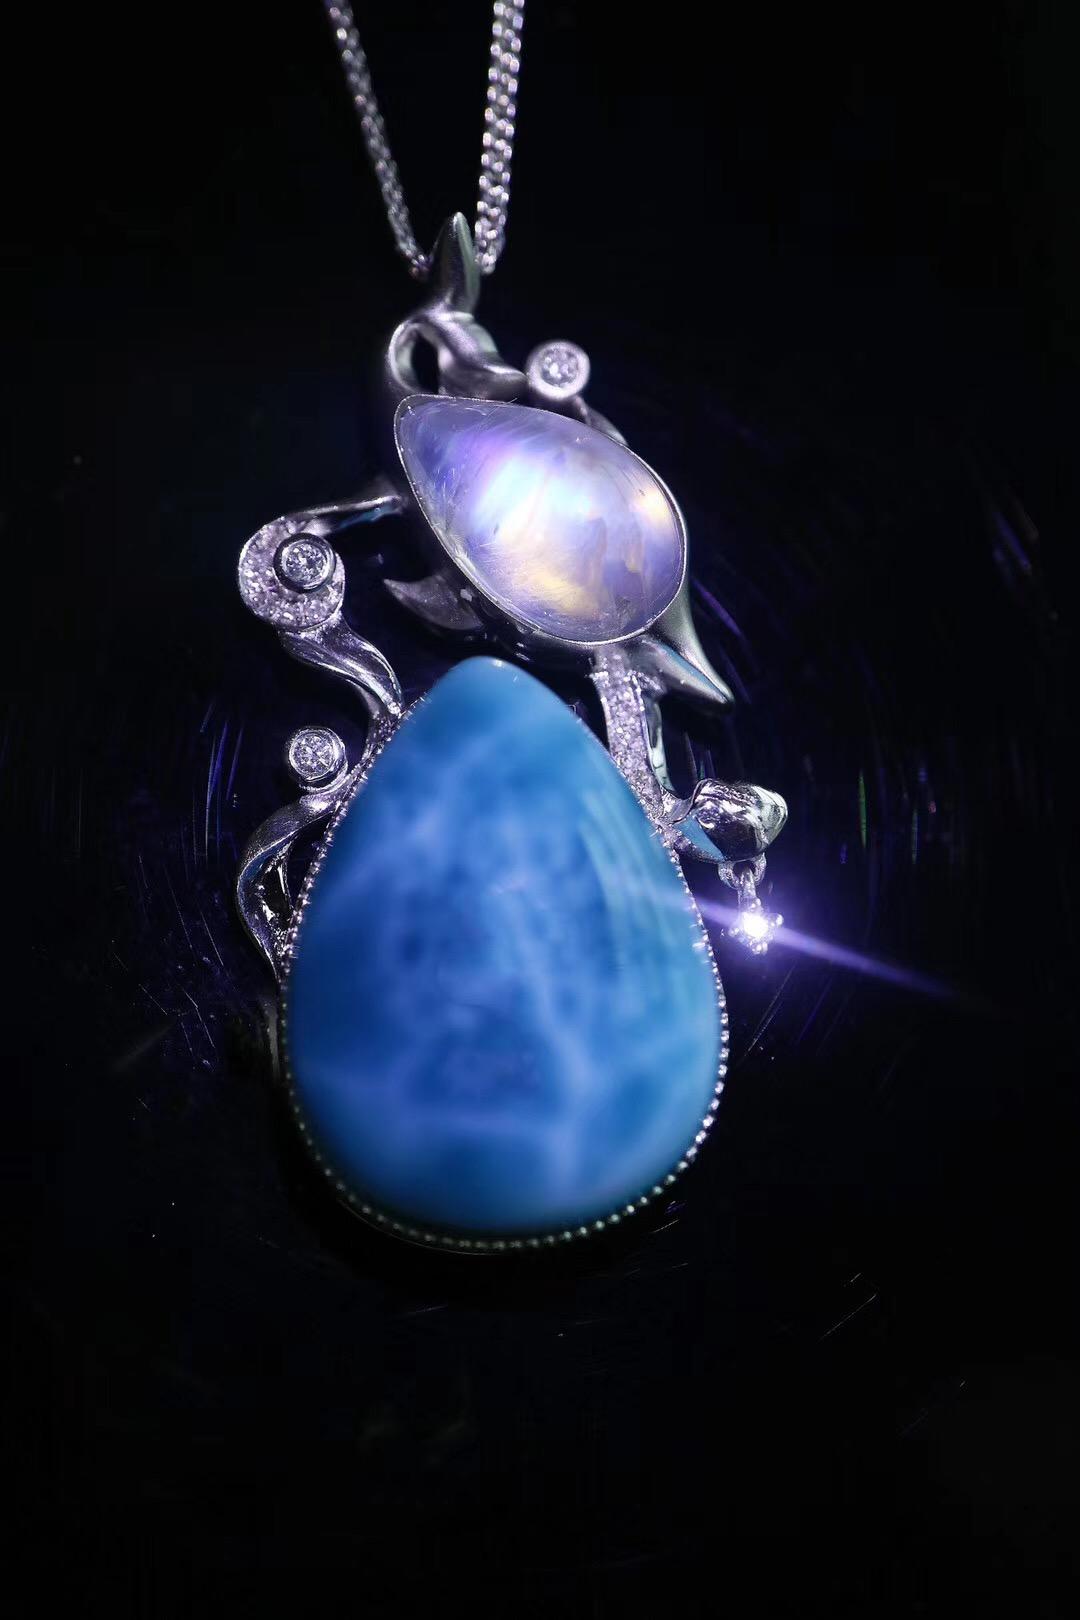 【菩心-海纹石、月光石】如此灵动的坠子,适合美人~-菩心晶舍